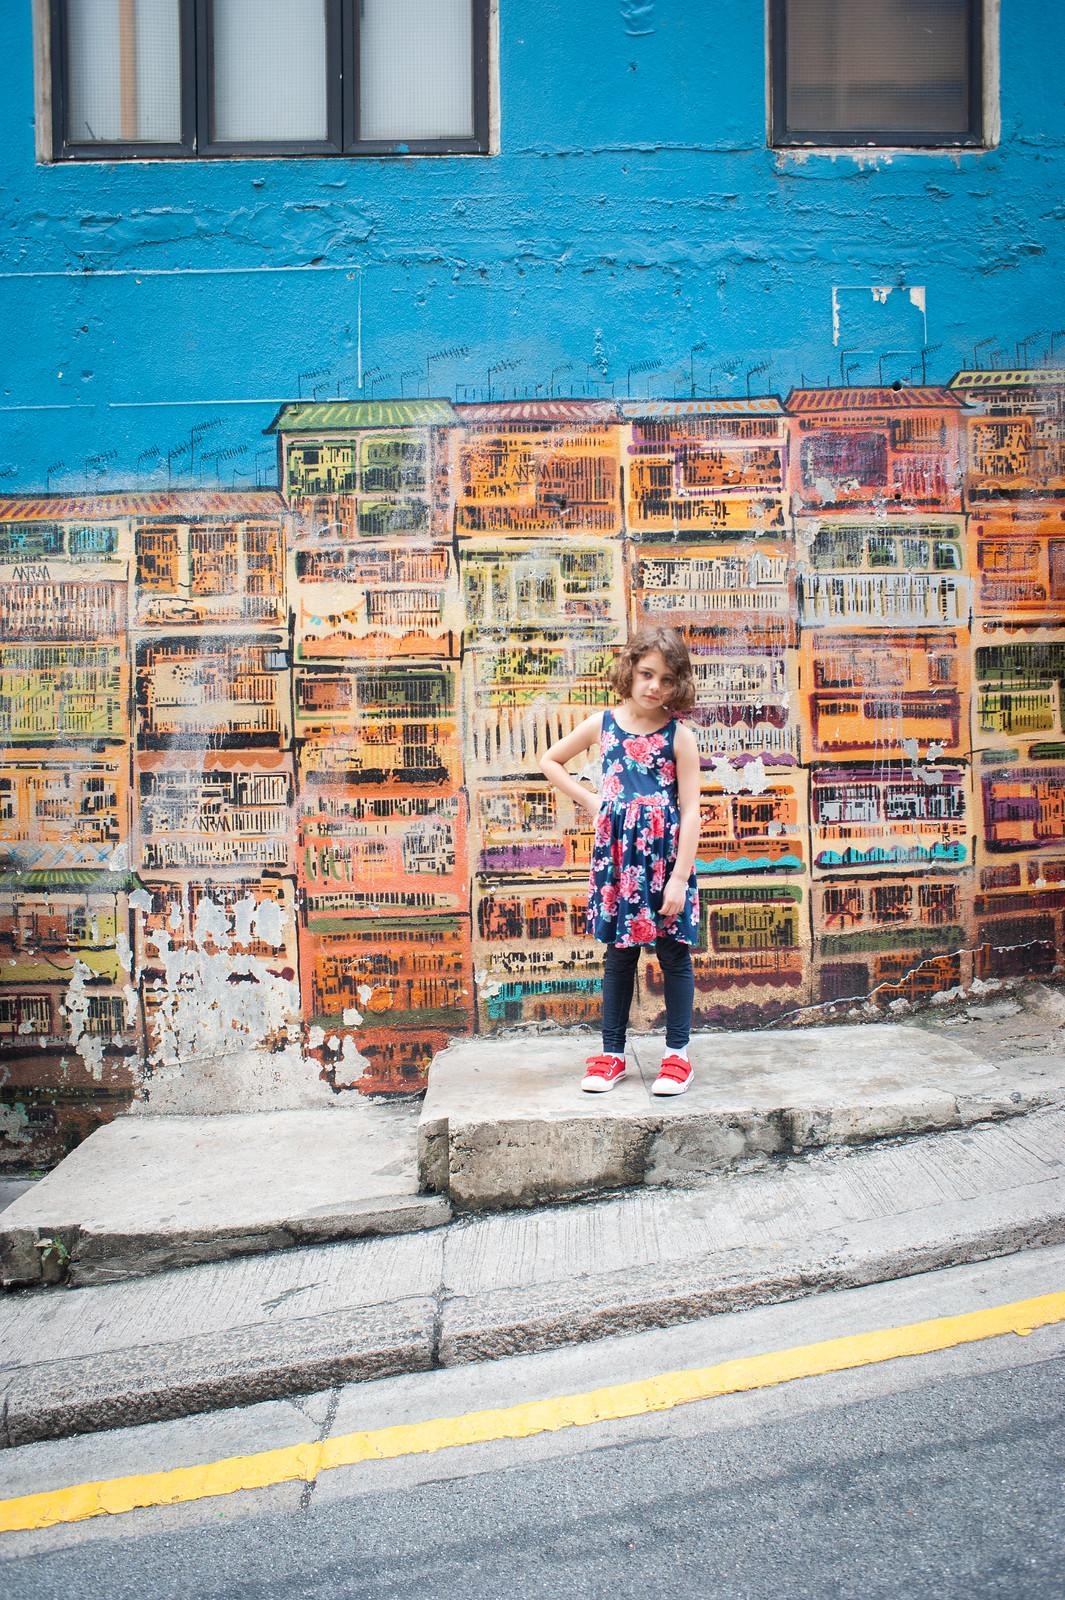 Hong Kong Street Mural